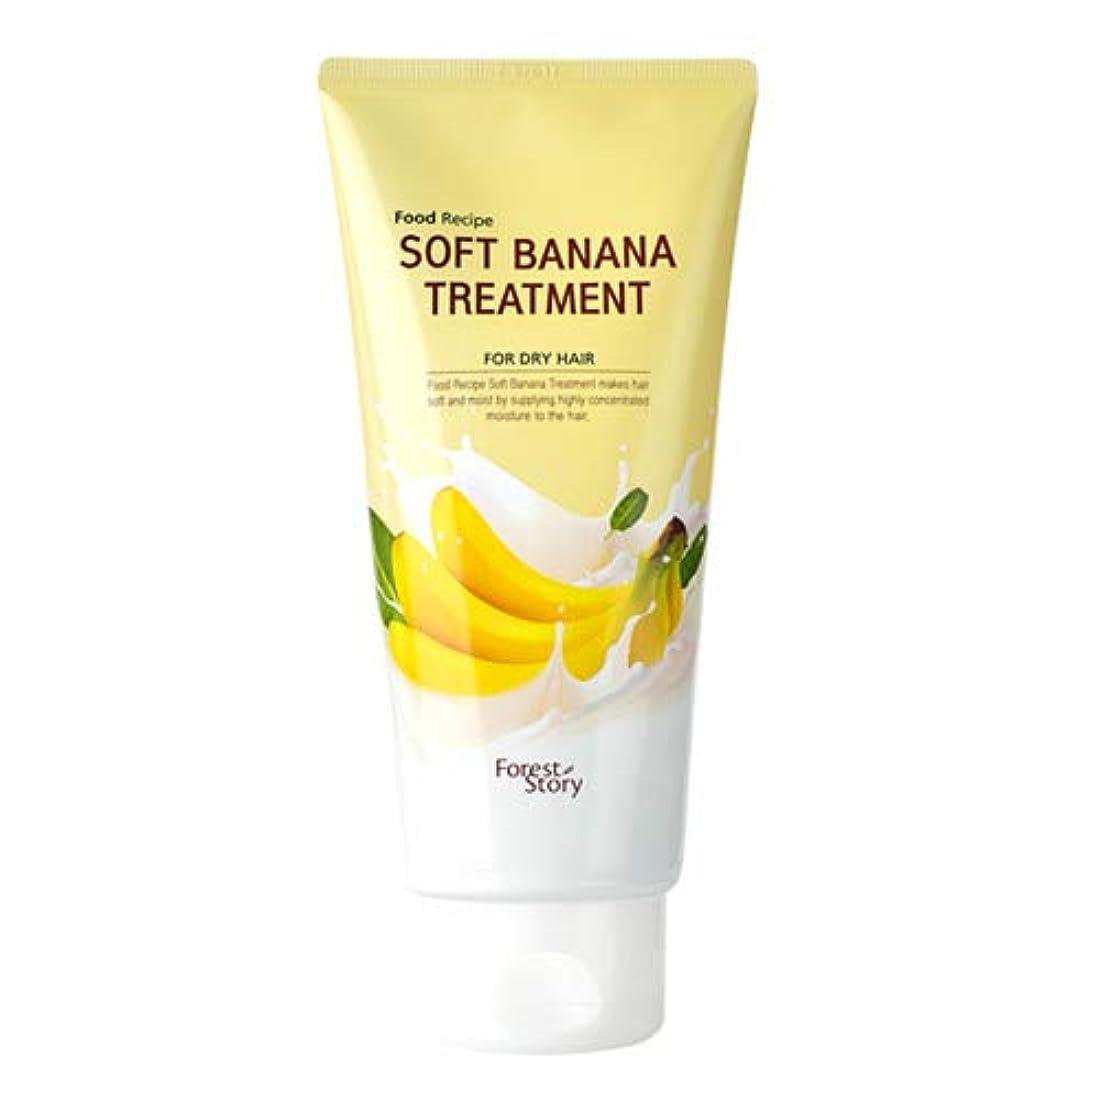 麻痺させる設計図細菌Forest Story Food Receipe ソフト バナナ トリートメント / Soft Banana Treatment (145g) [並行輸入品]